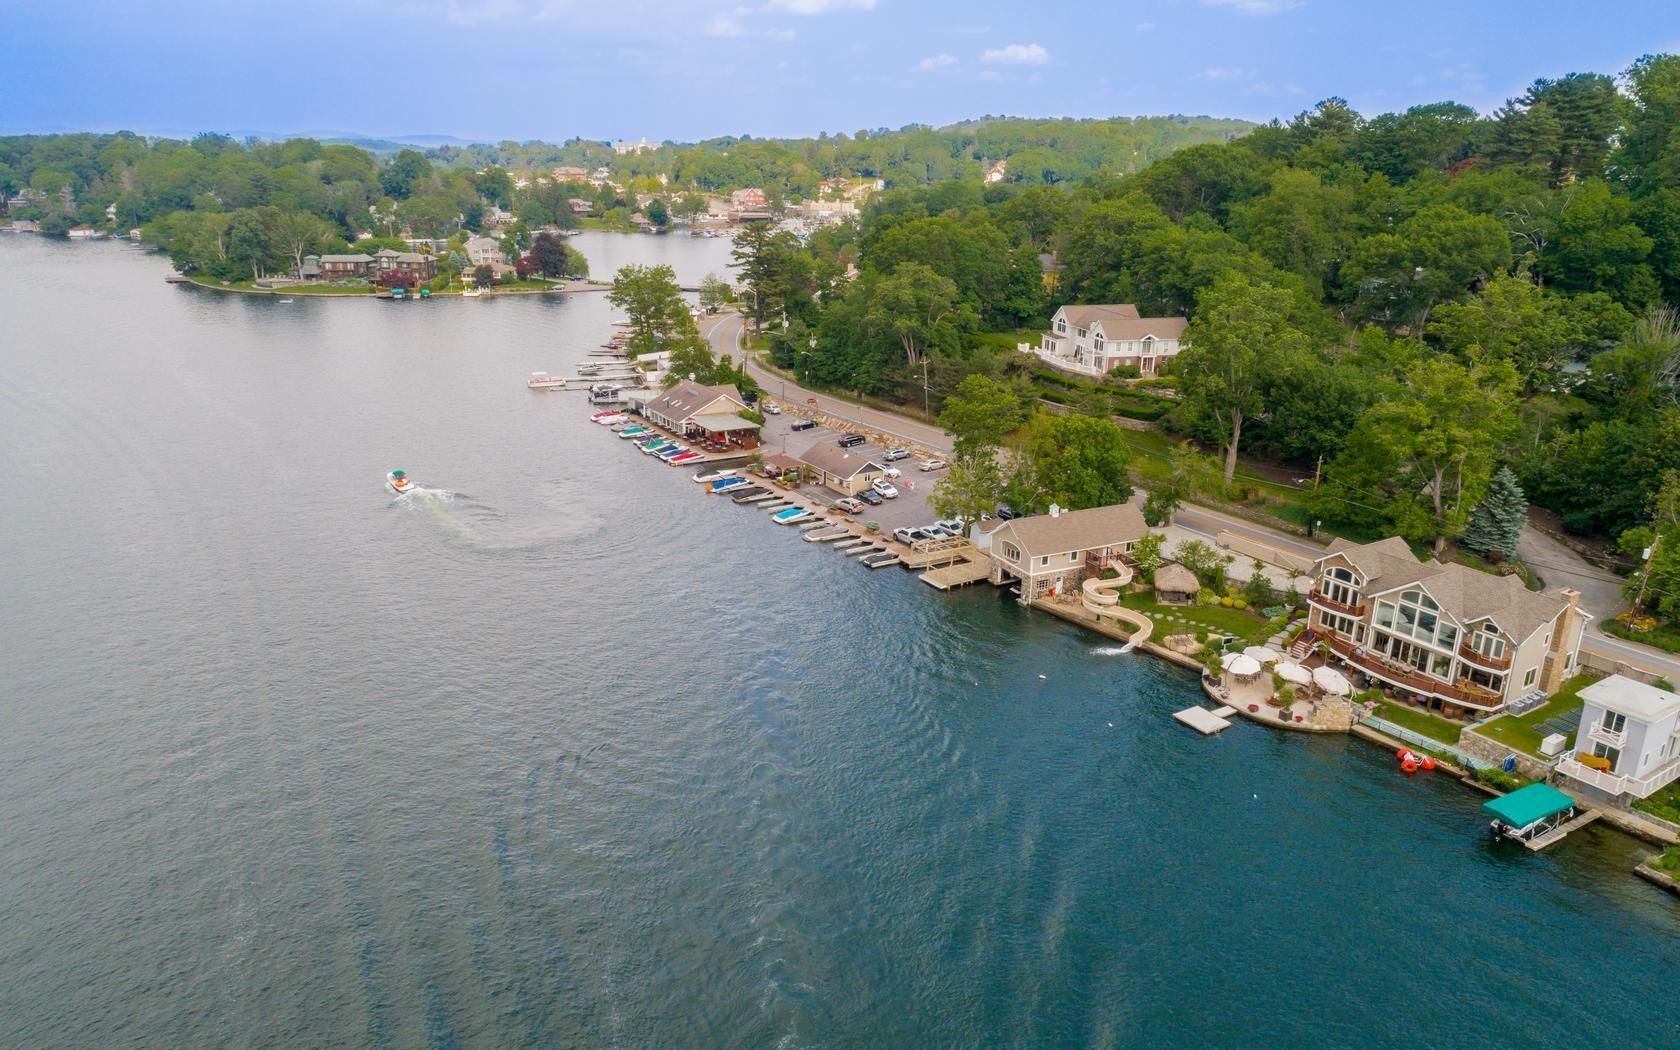 Lake Mahopac Real Estate Buy A Home Mahopac Ny Lakefront